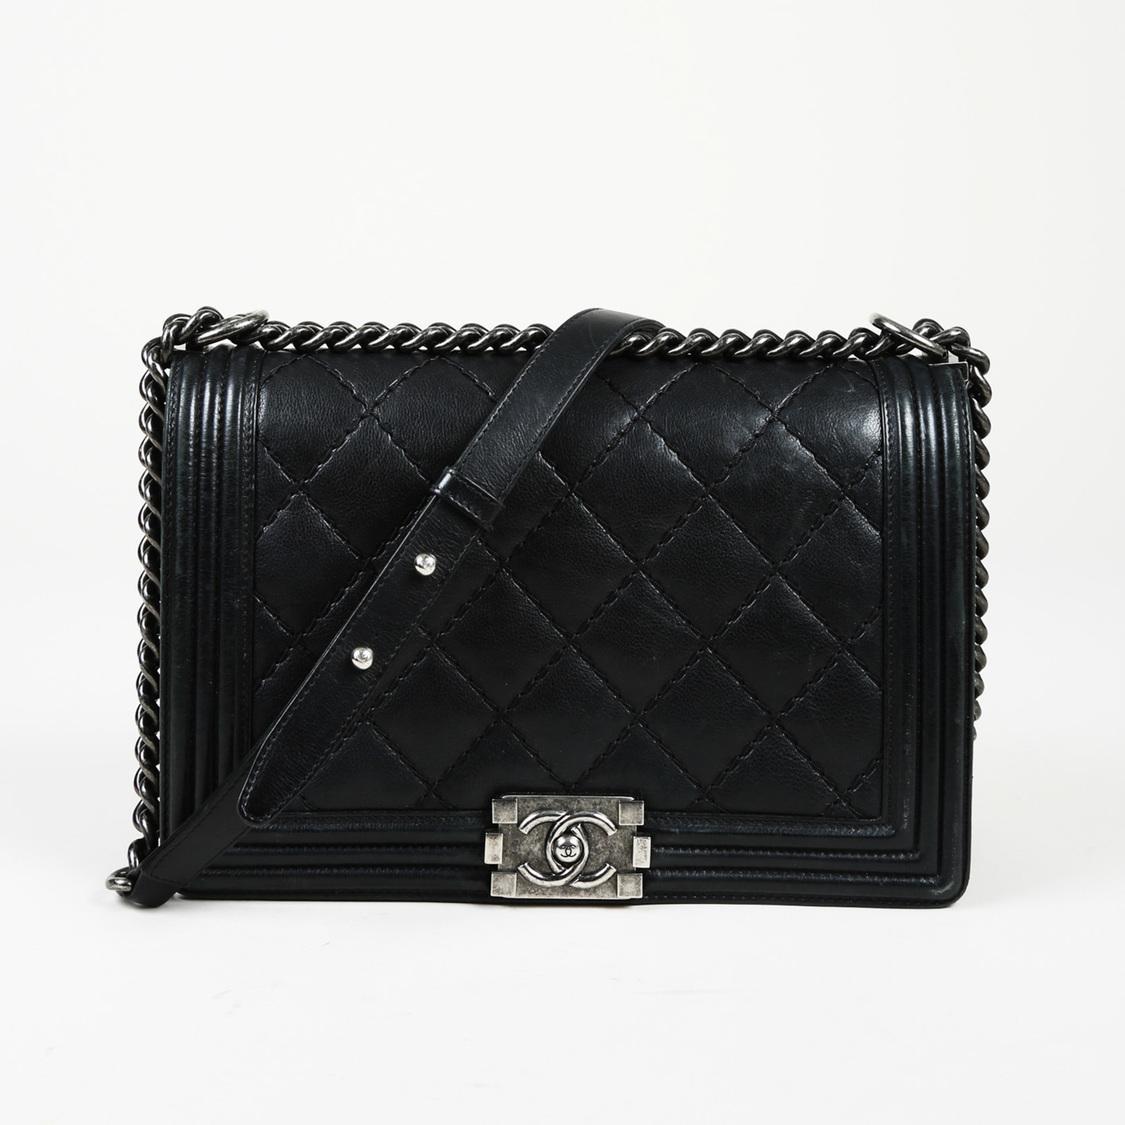 7b701370b9f9 Lyst - Chanel New Medium Double Stitch Boy Bag in Black